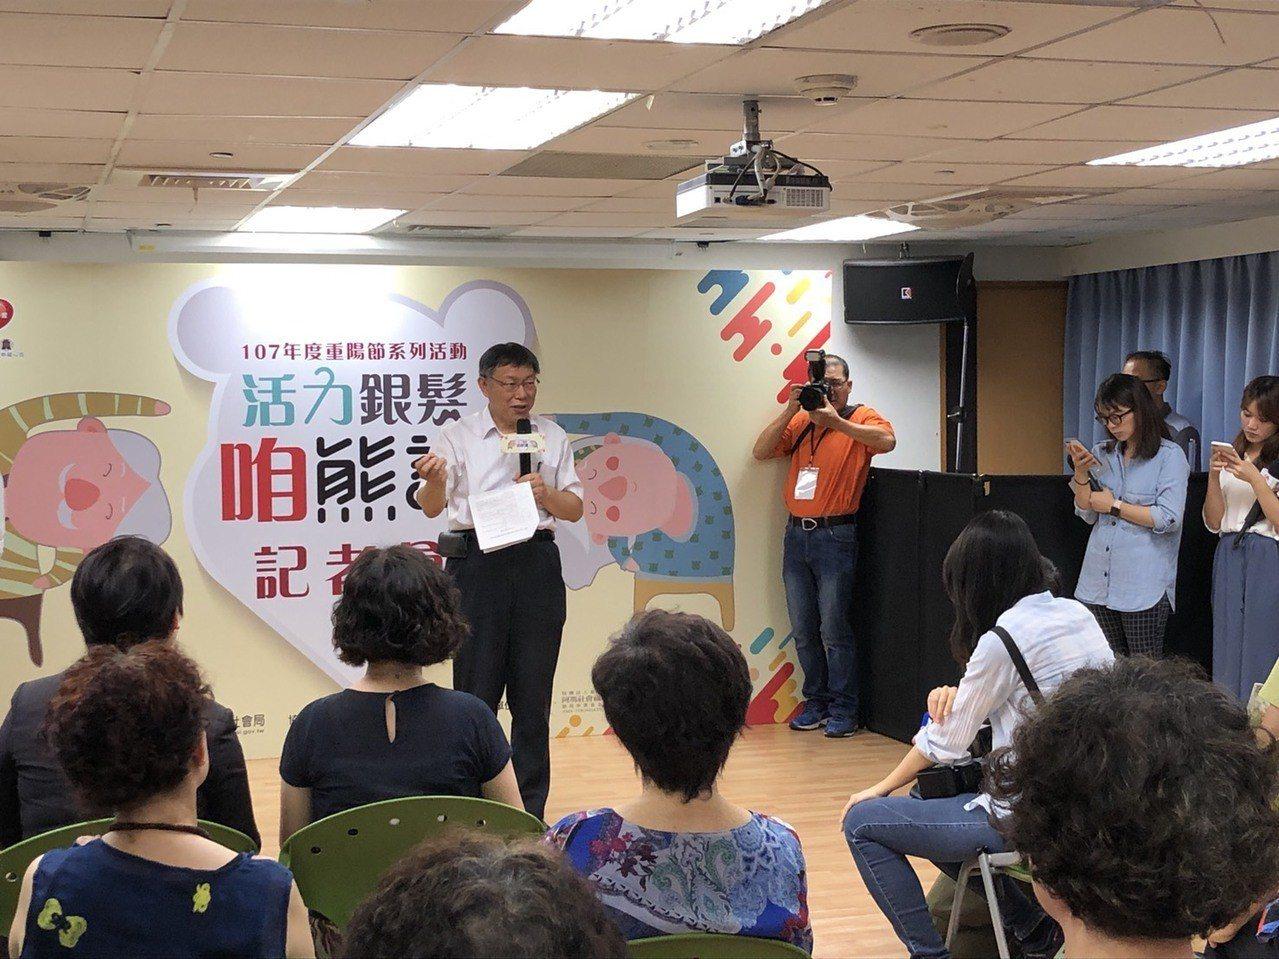 台北市長柯文哲今出席西湖老人日照中心陪伴長者跳舞、活動筋骨。記者陳靖宜/攝影